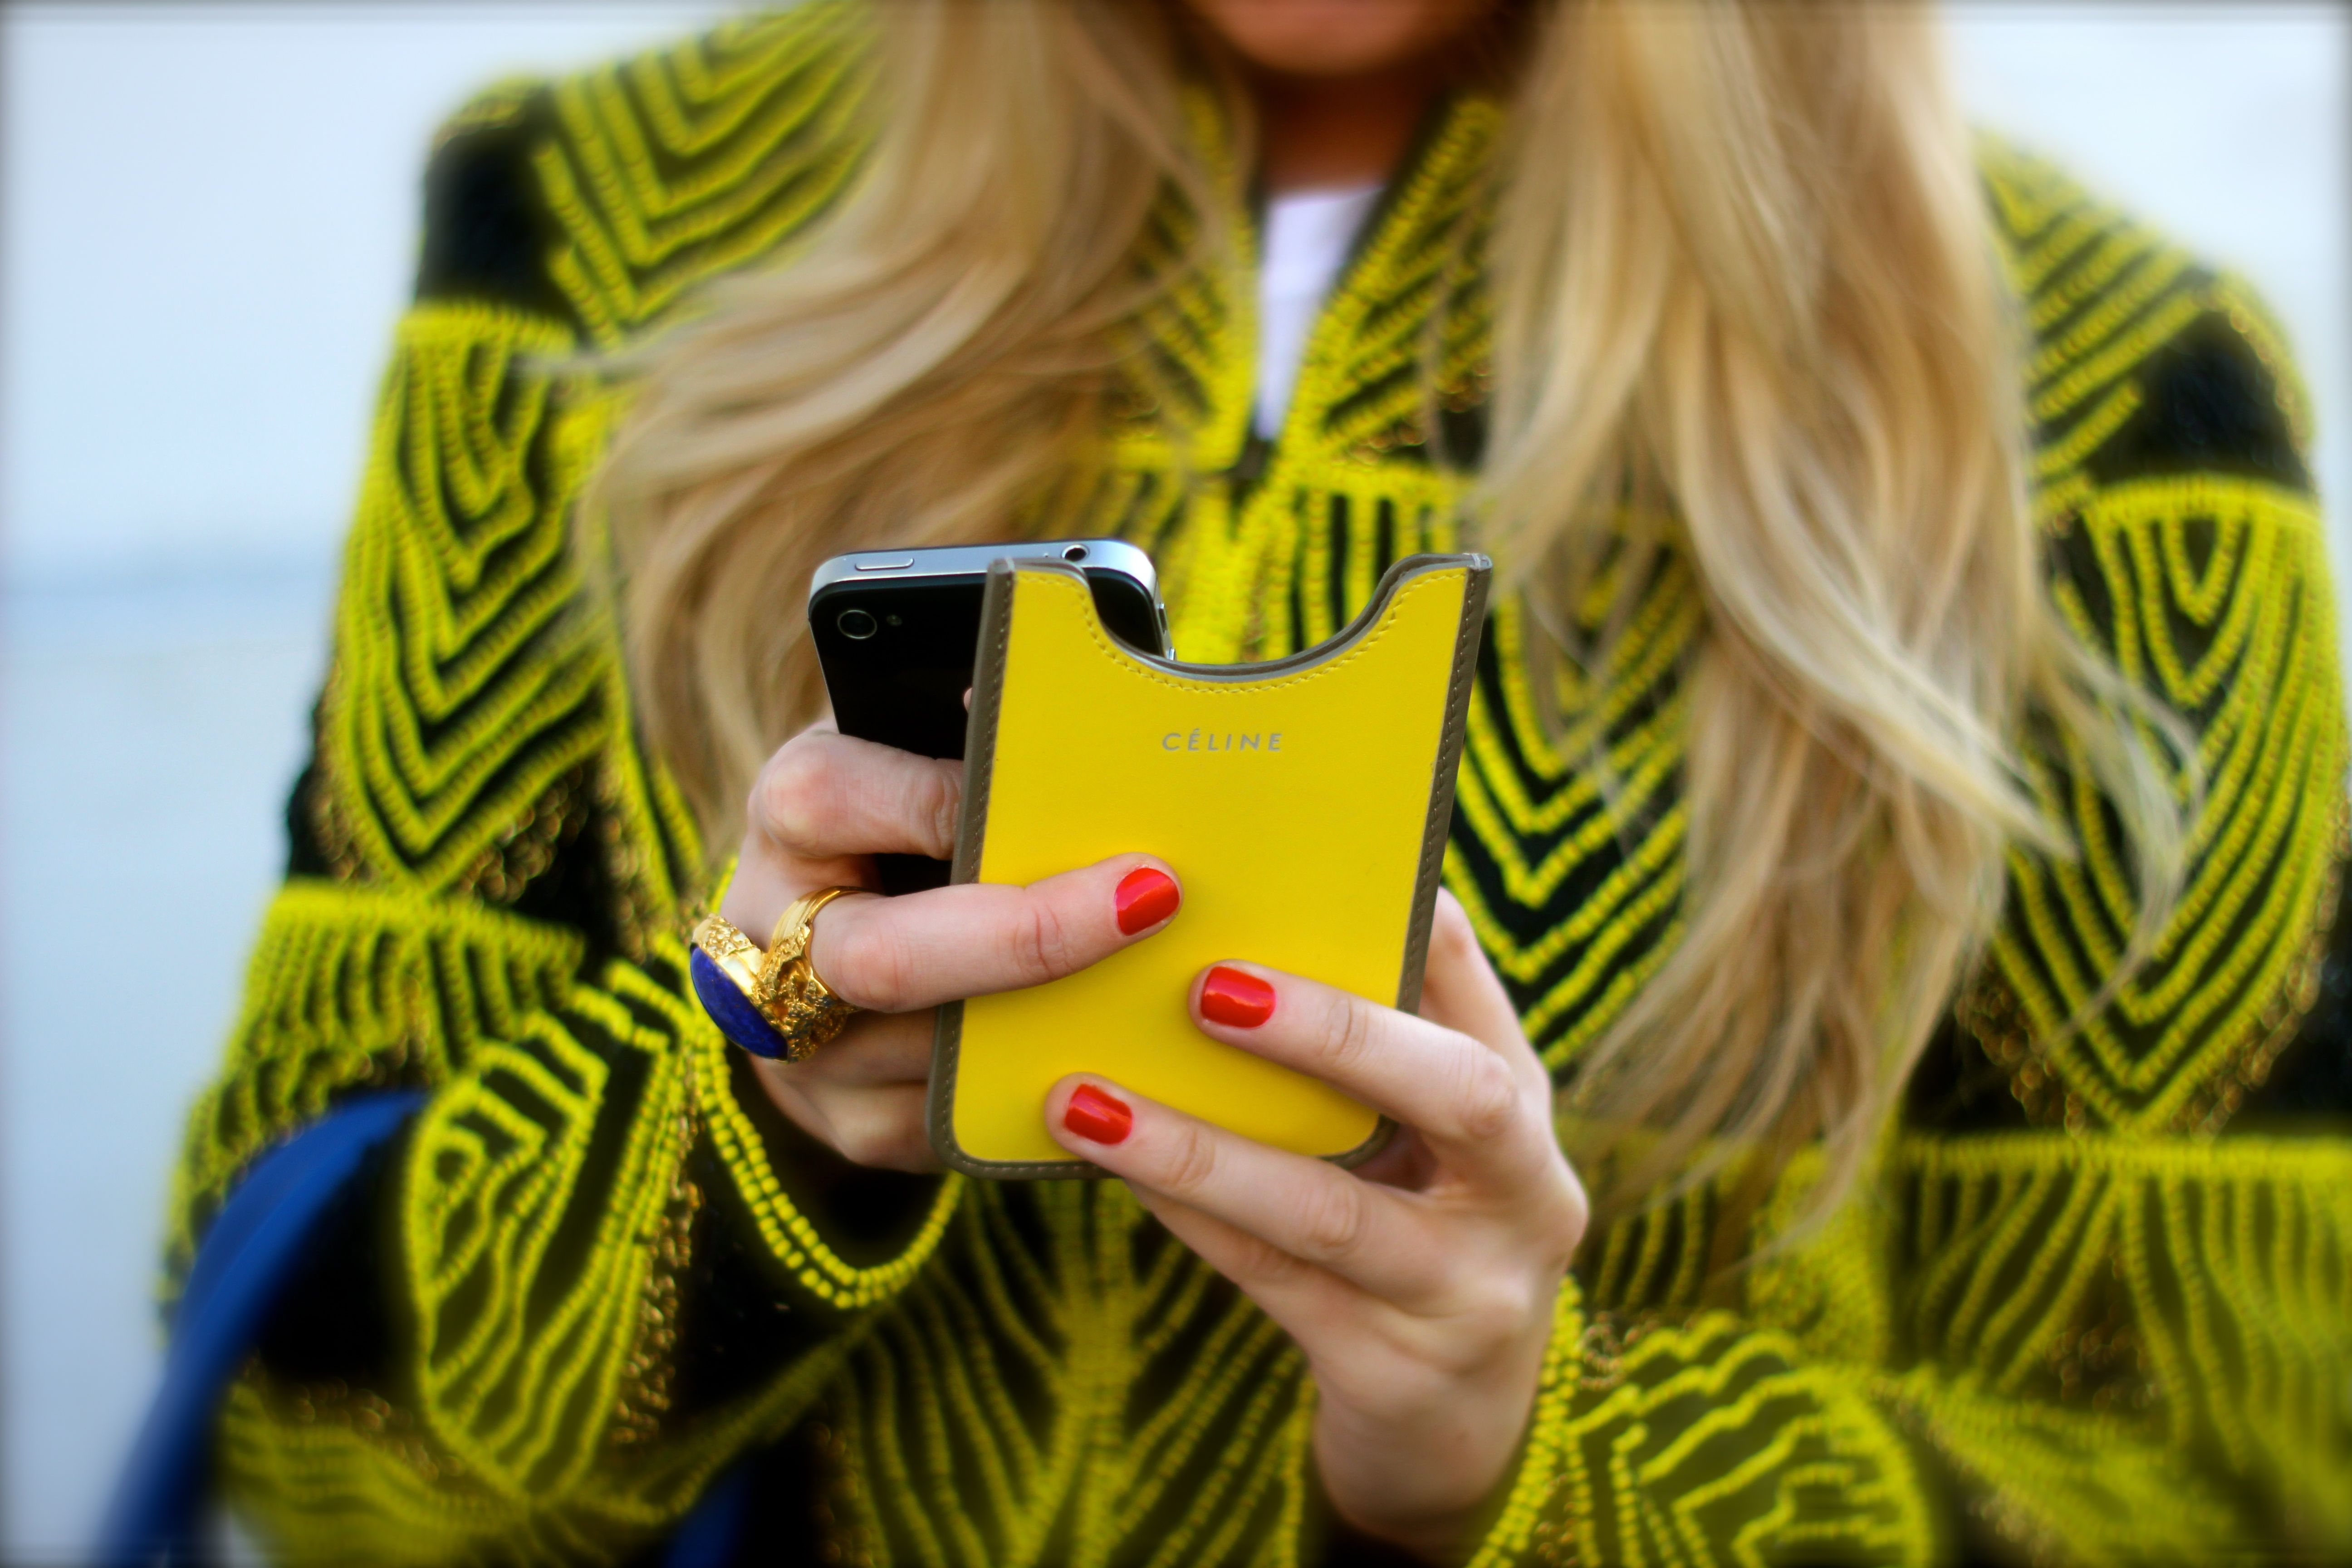 Το 94% των κερδών στην βιομηχανία smartphones απολαμβάνει η Apple